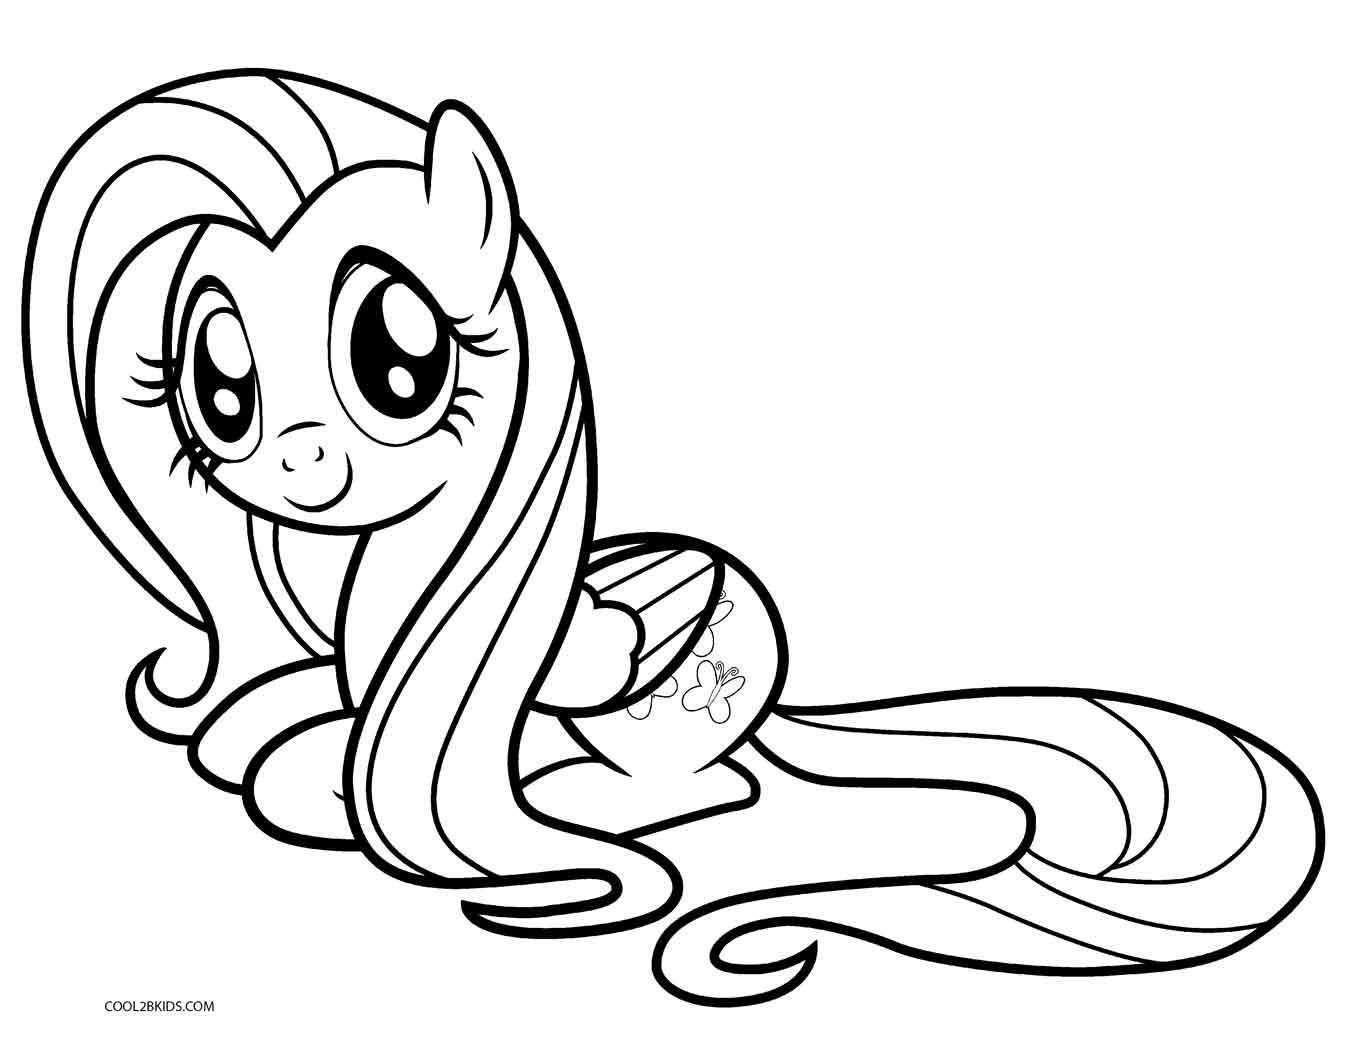 Ausmalbilder My Little Pony Malvorlagen Kostenlos Zum Ausdrucken